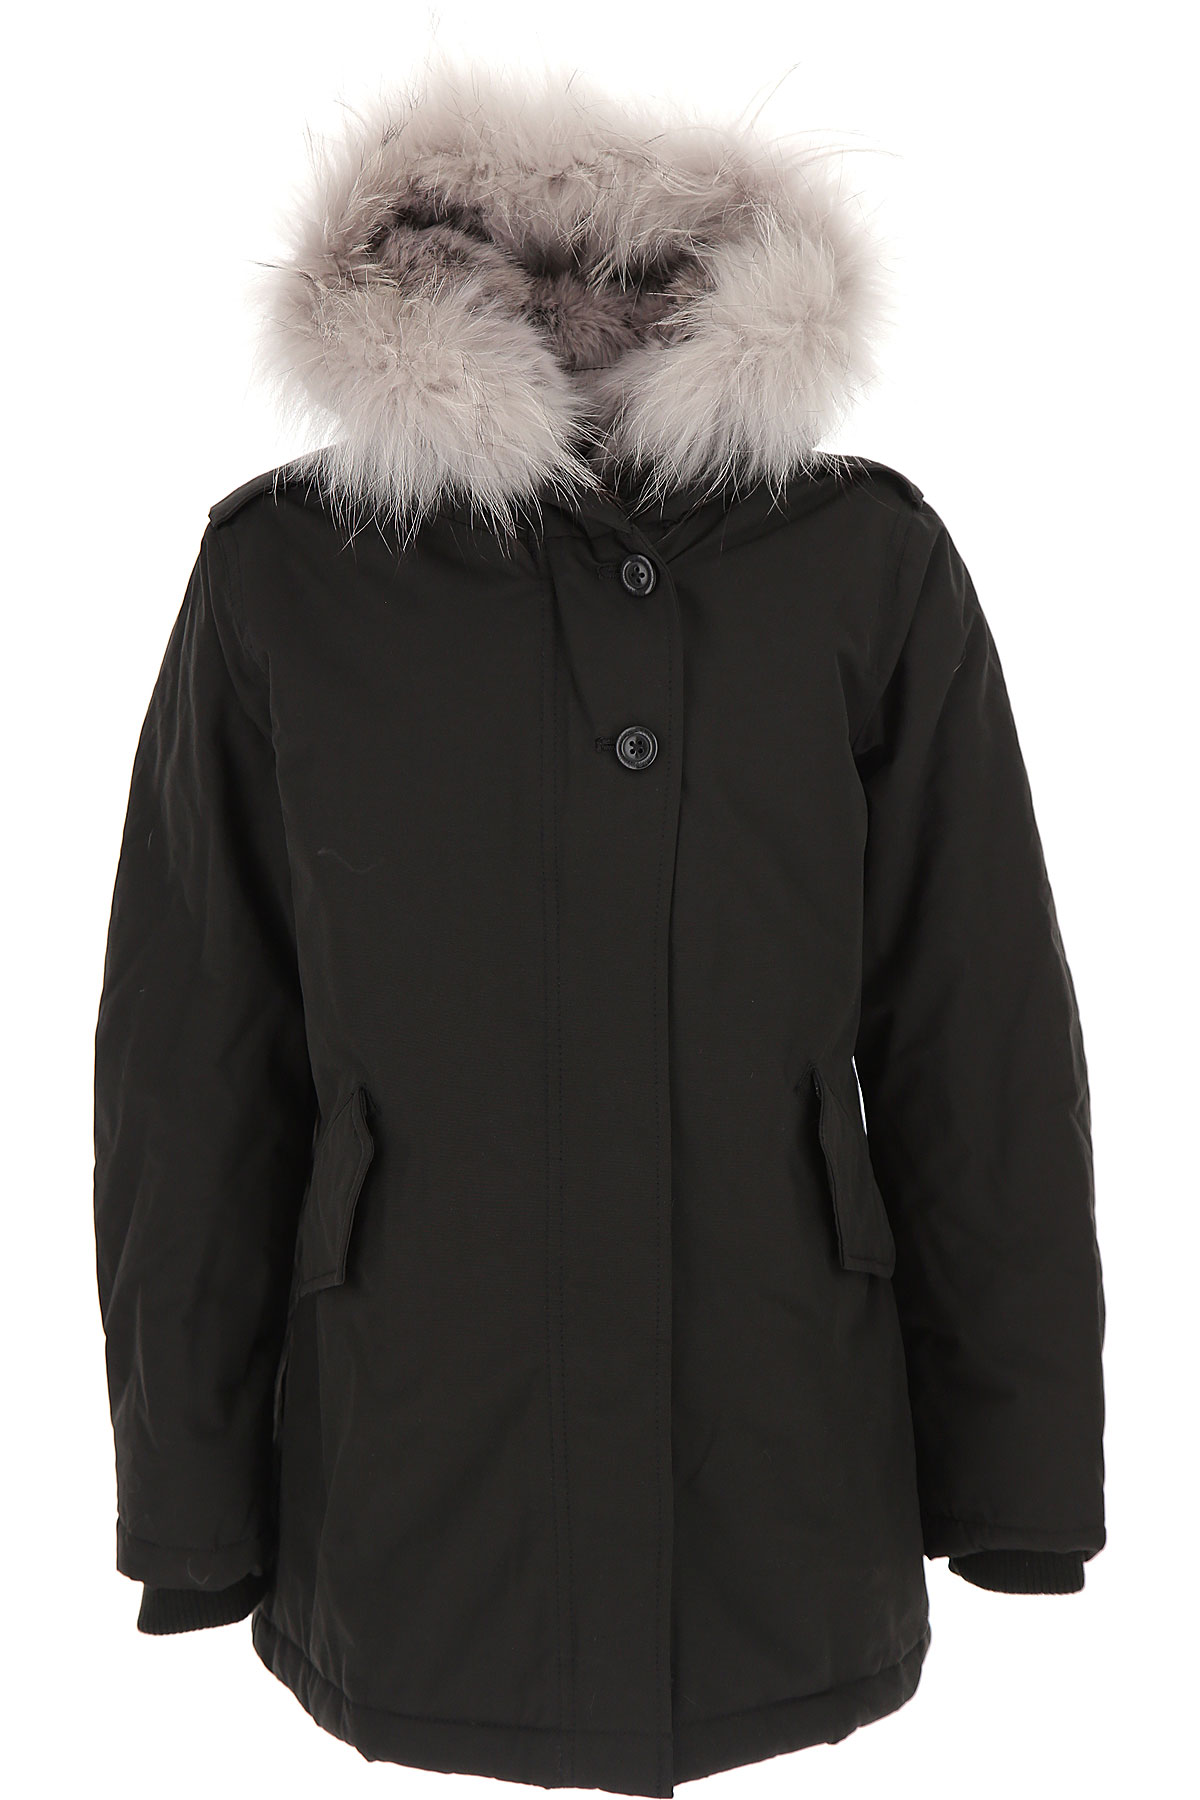 Image of Canadian Classic Kids Jacket for Boys, Black, Cotton, 2017, 10Y 14Y 16Y 8Y